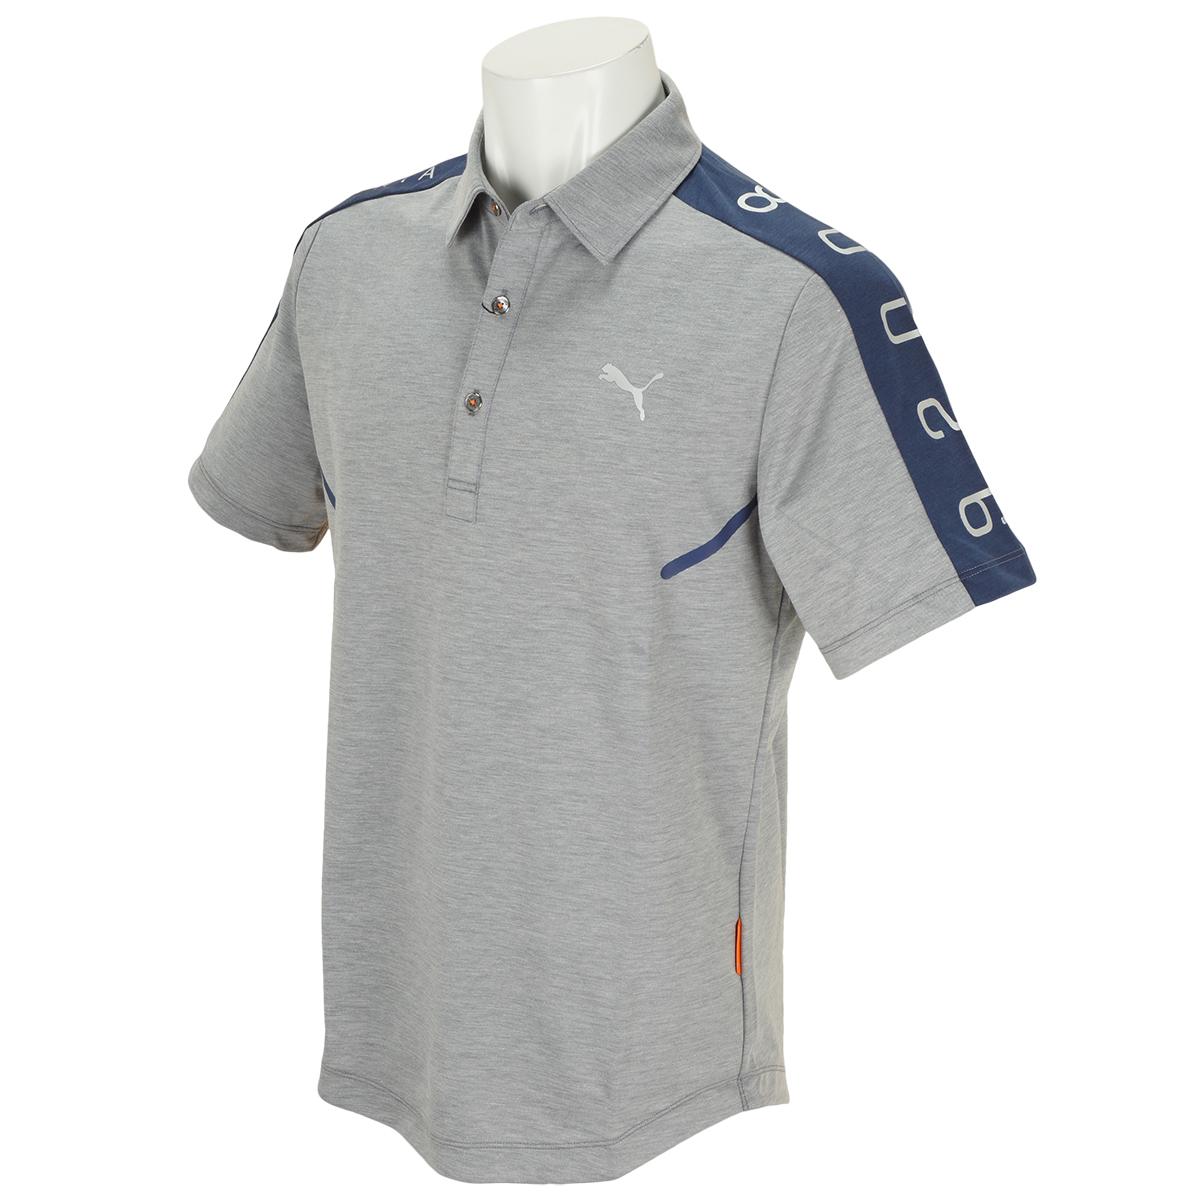 California Collection ショルダー パネル 半袖ポロシャツ